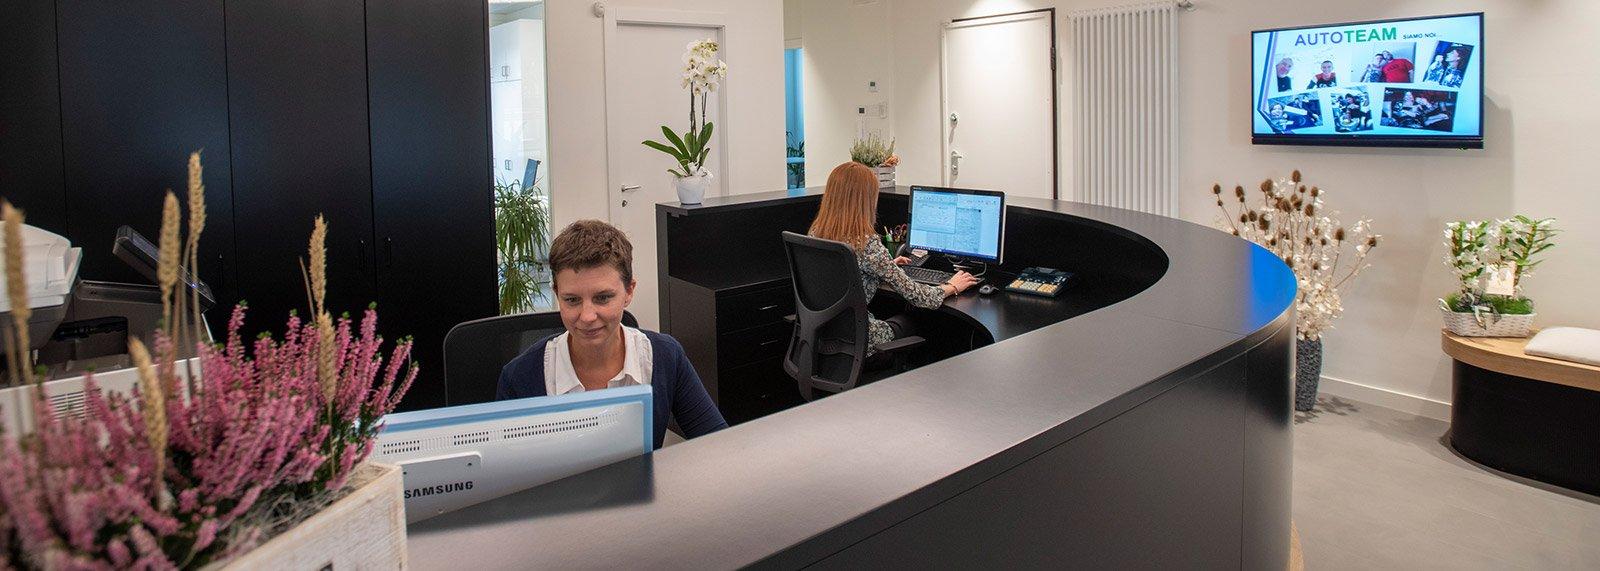 Agenzia Autoteam - Clienti